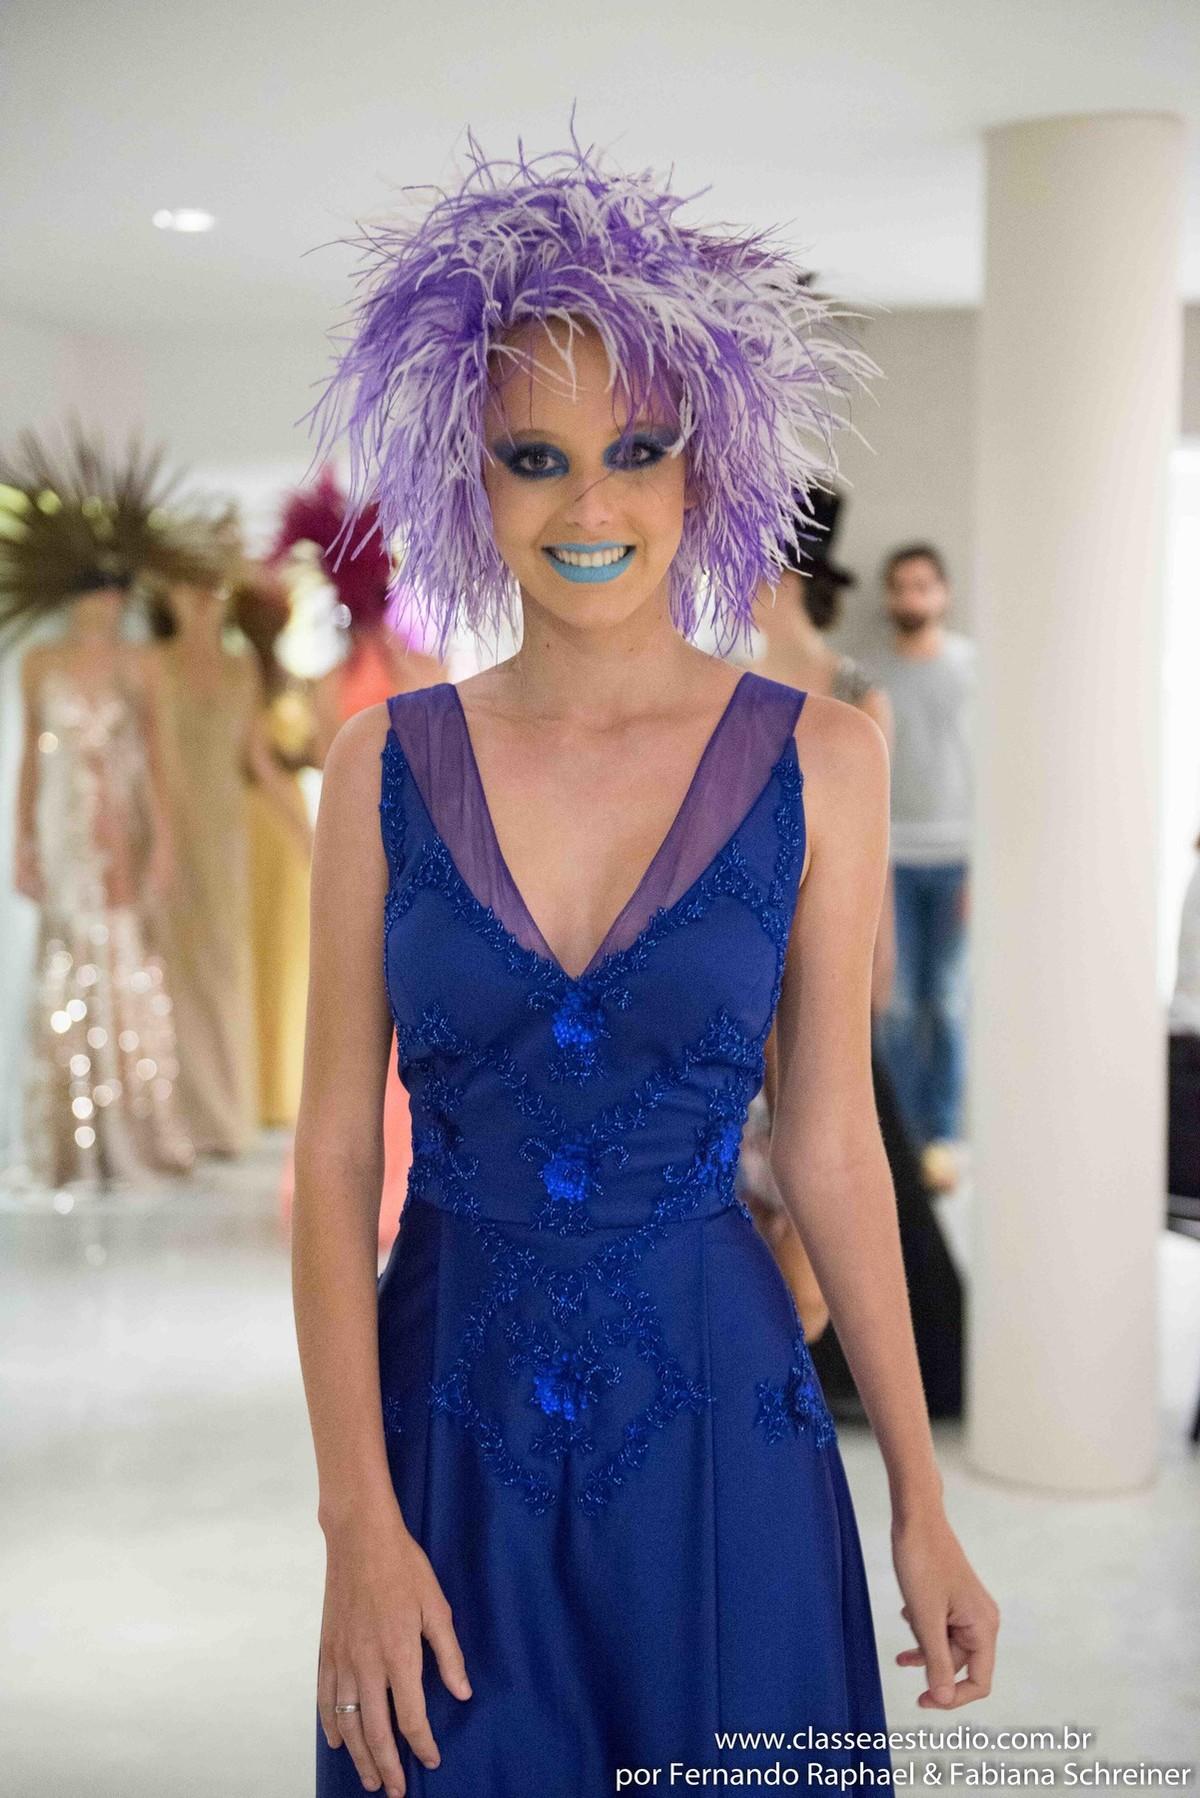 Fotografo de moda em Recife